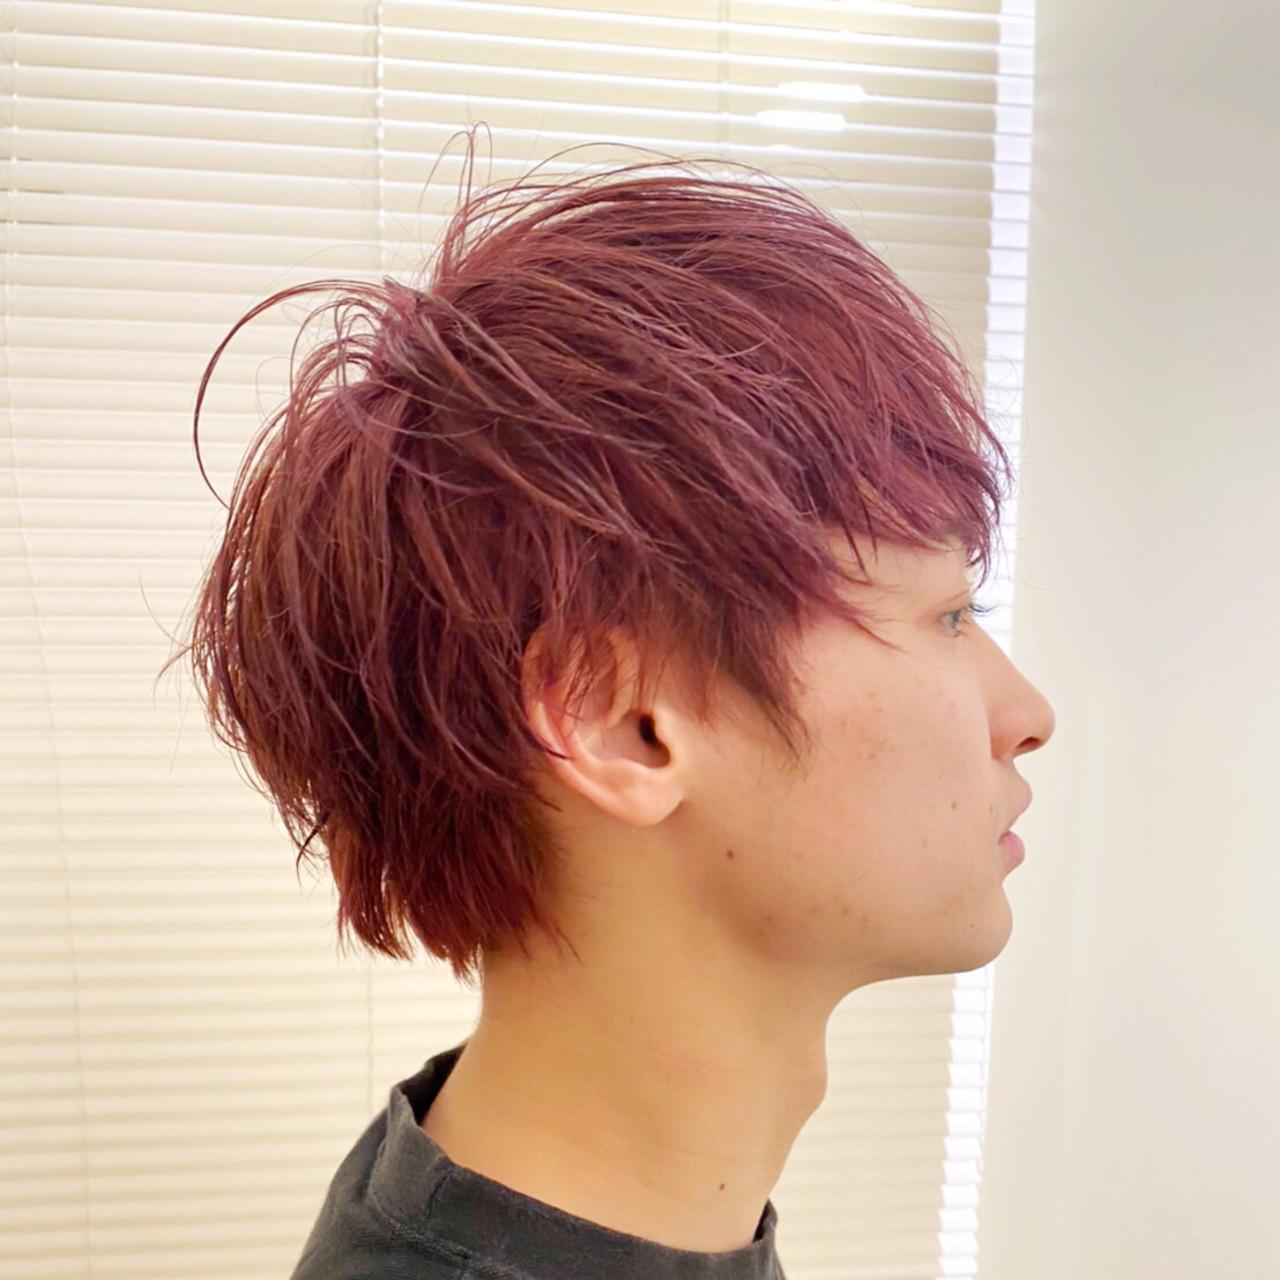 メンズカラー ボーイッシュ ショート メンズショートヘアスタイルや髪型の写真・画像